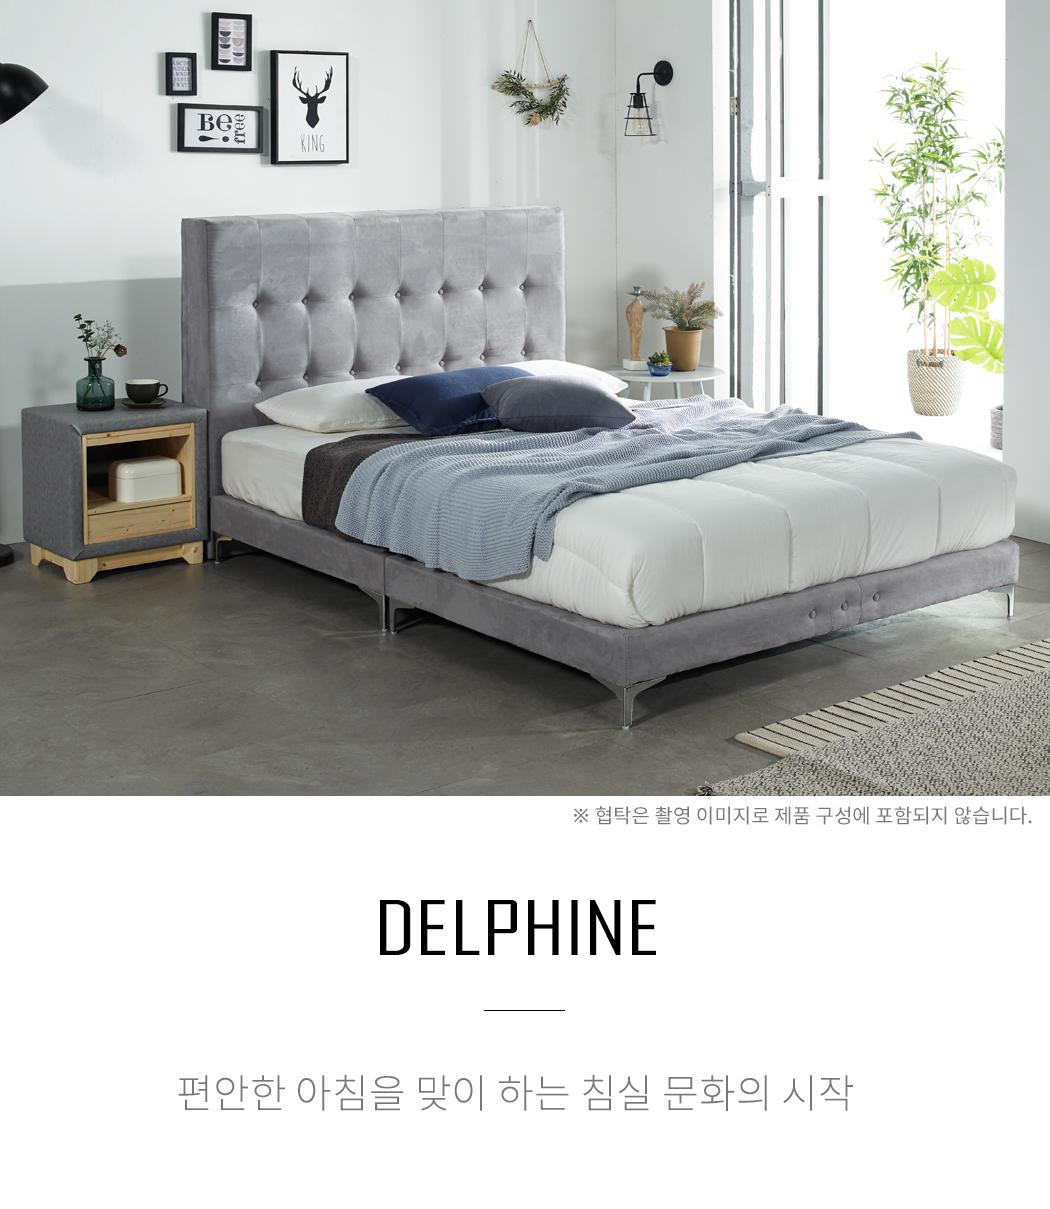 Delphine_01.jpg